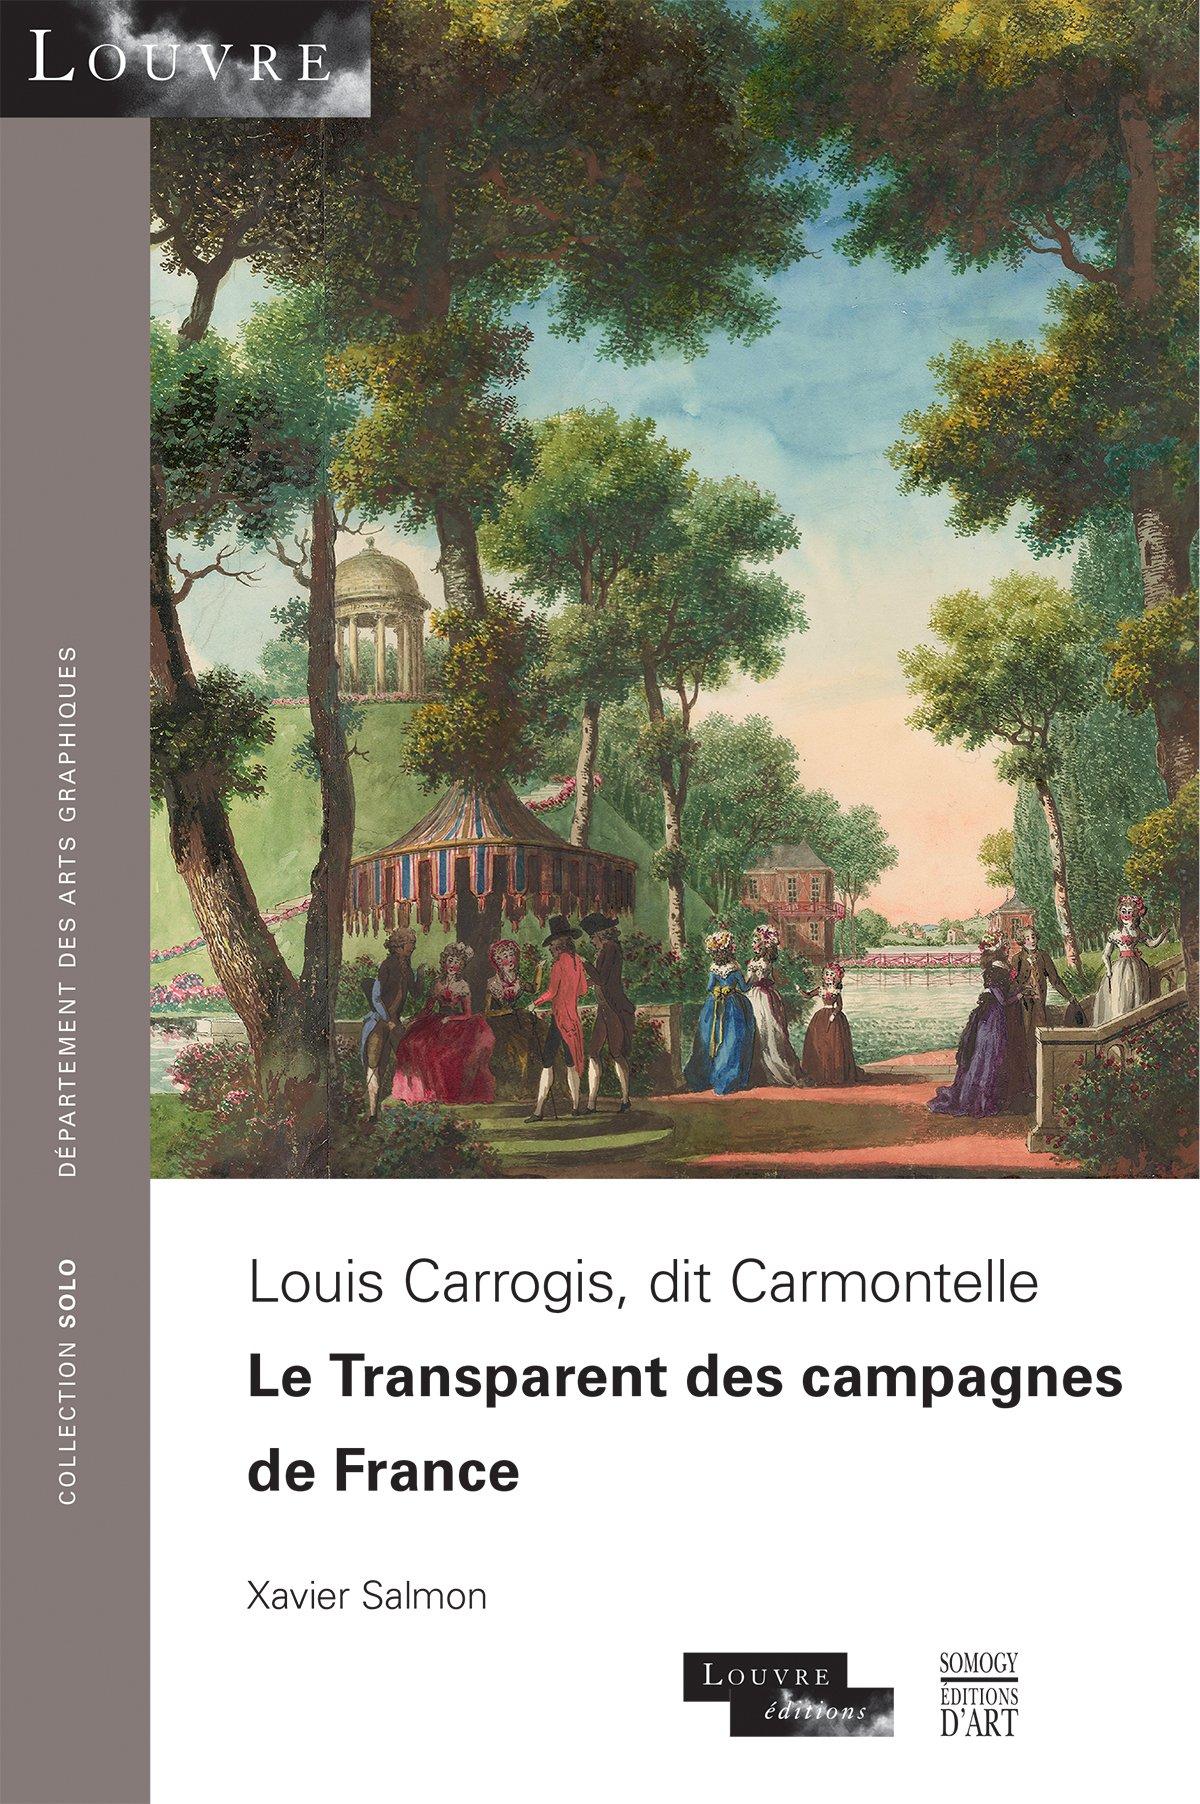 Louis Carrogis, dit Carmontelle : Le Transparent des campagnes de France